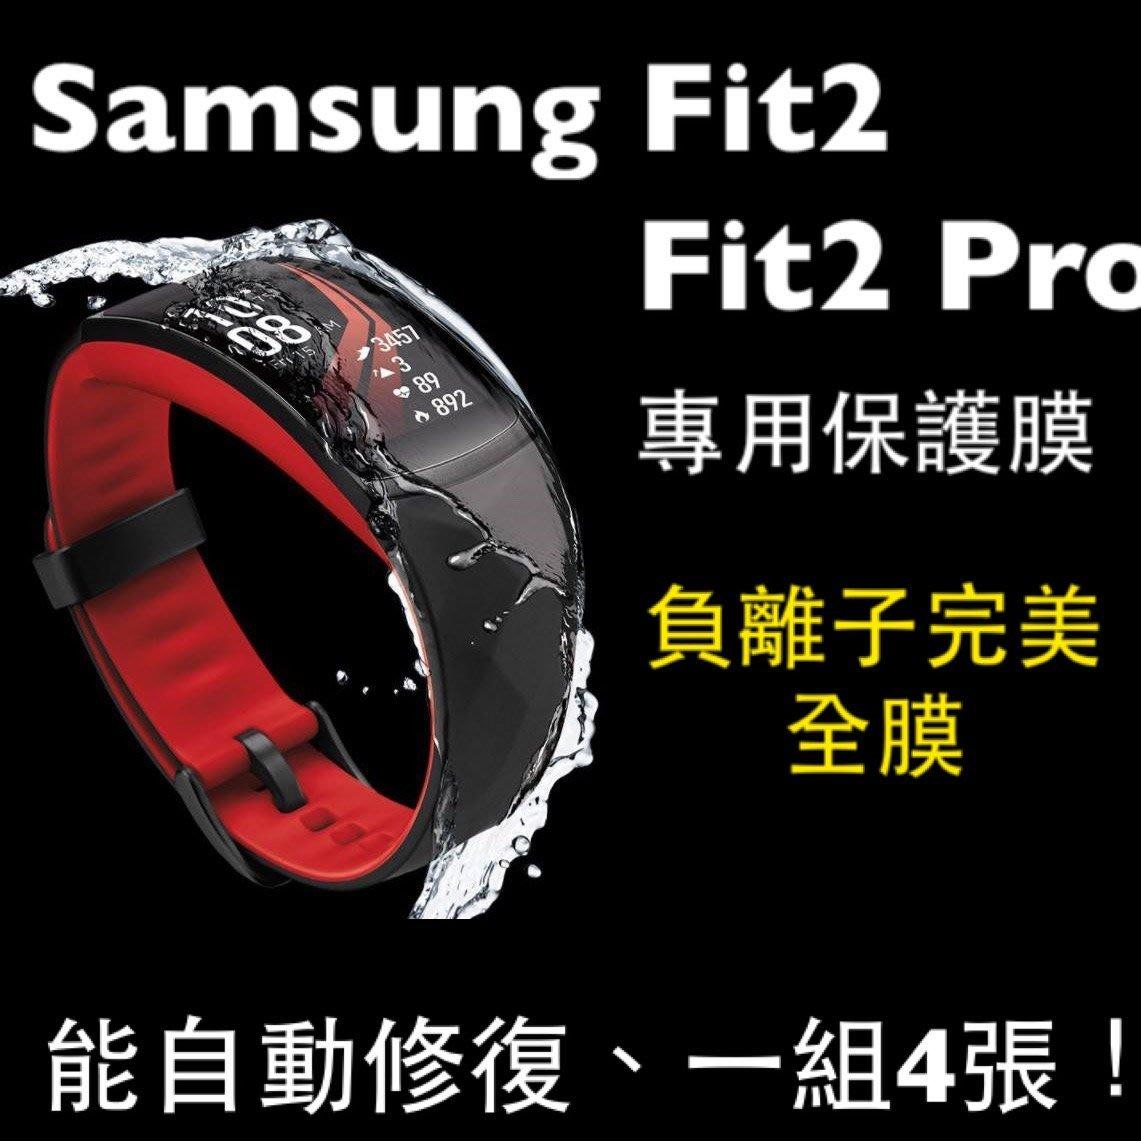 $娜娜手錶膜$ 現貨 完美新版 保護膜 Samsung Gear Fit2 Fit 2 pro適用 軟性鋼化防爆 手錶膜